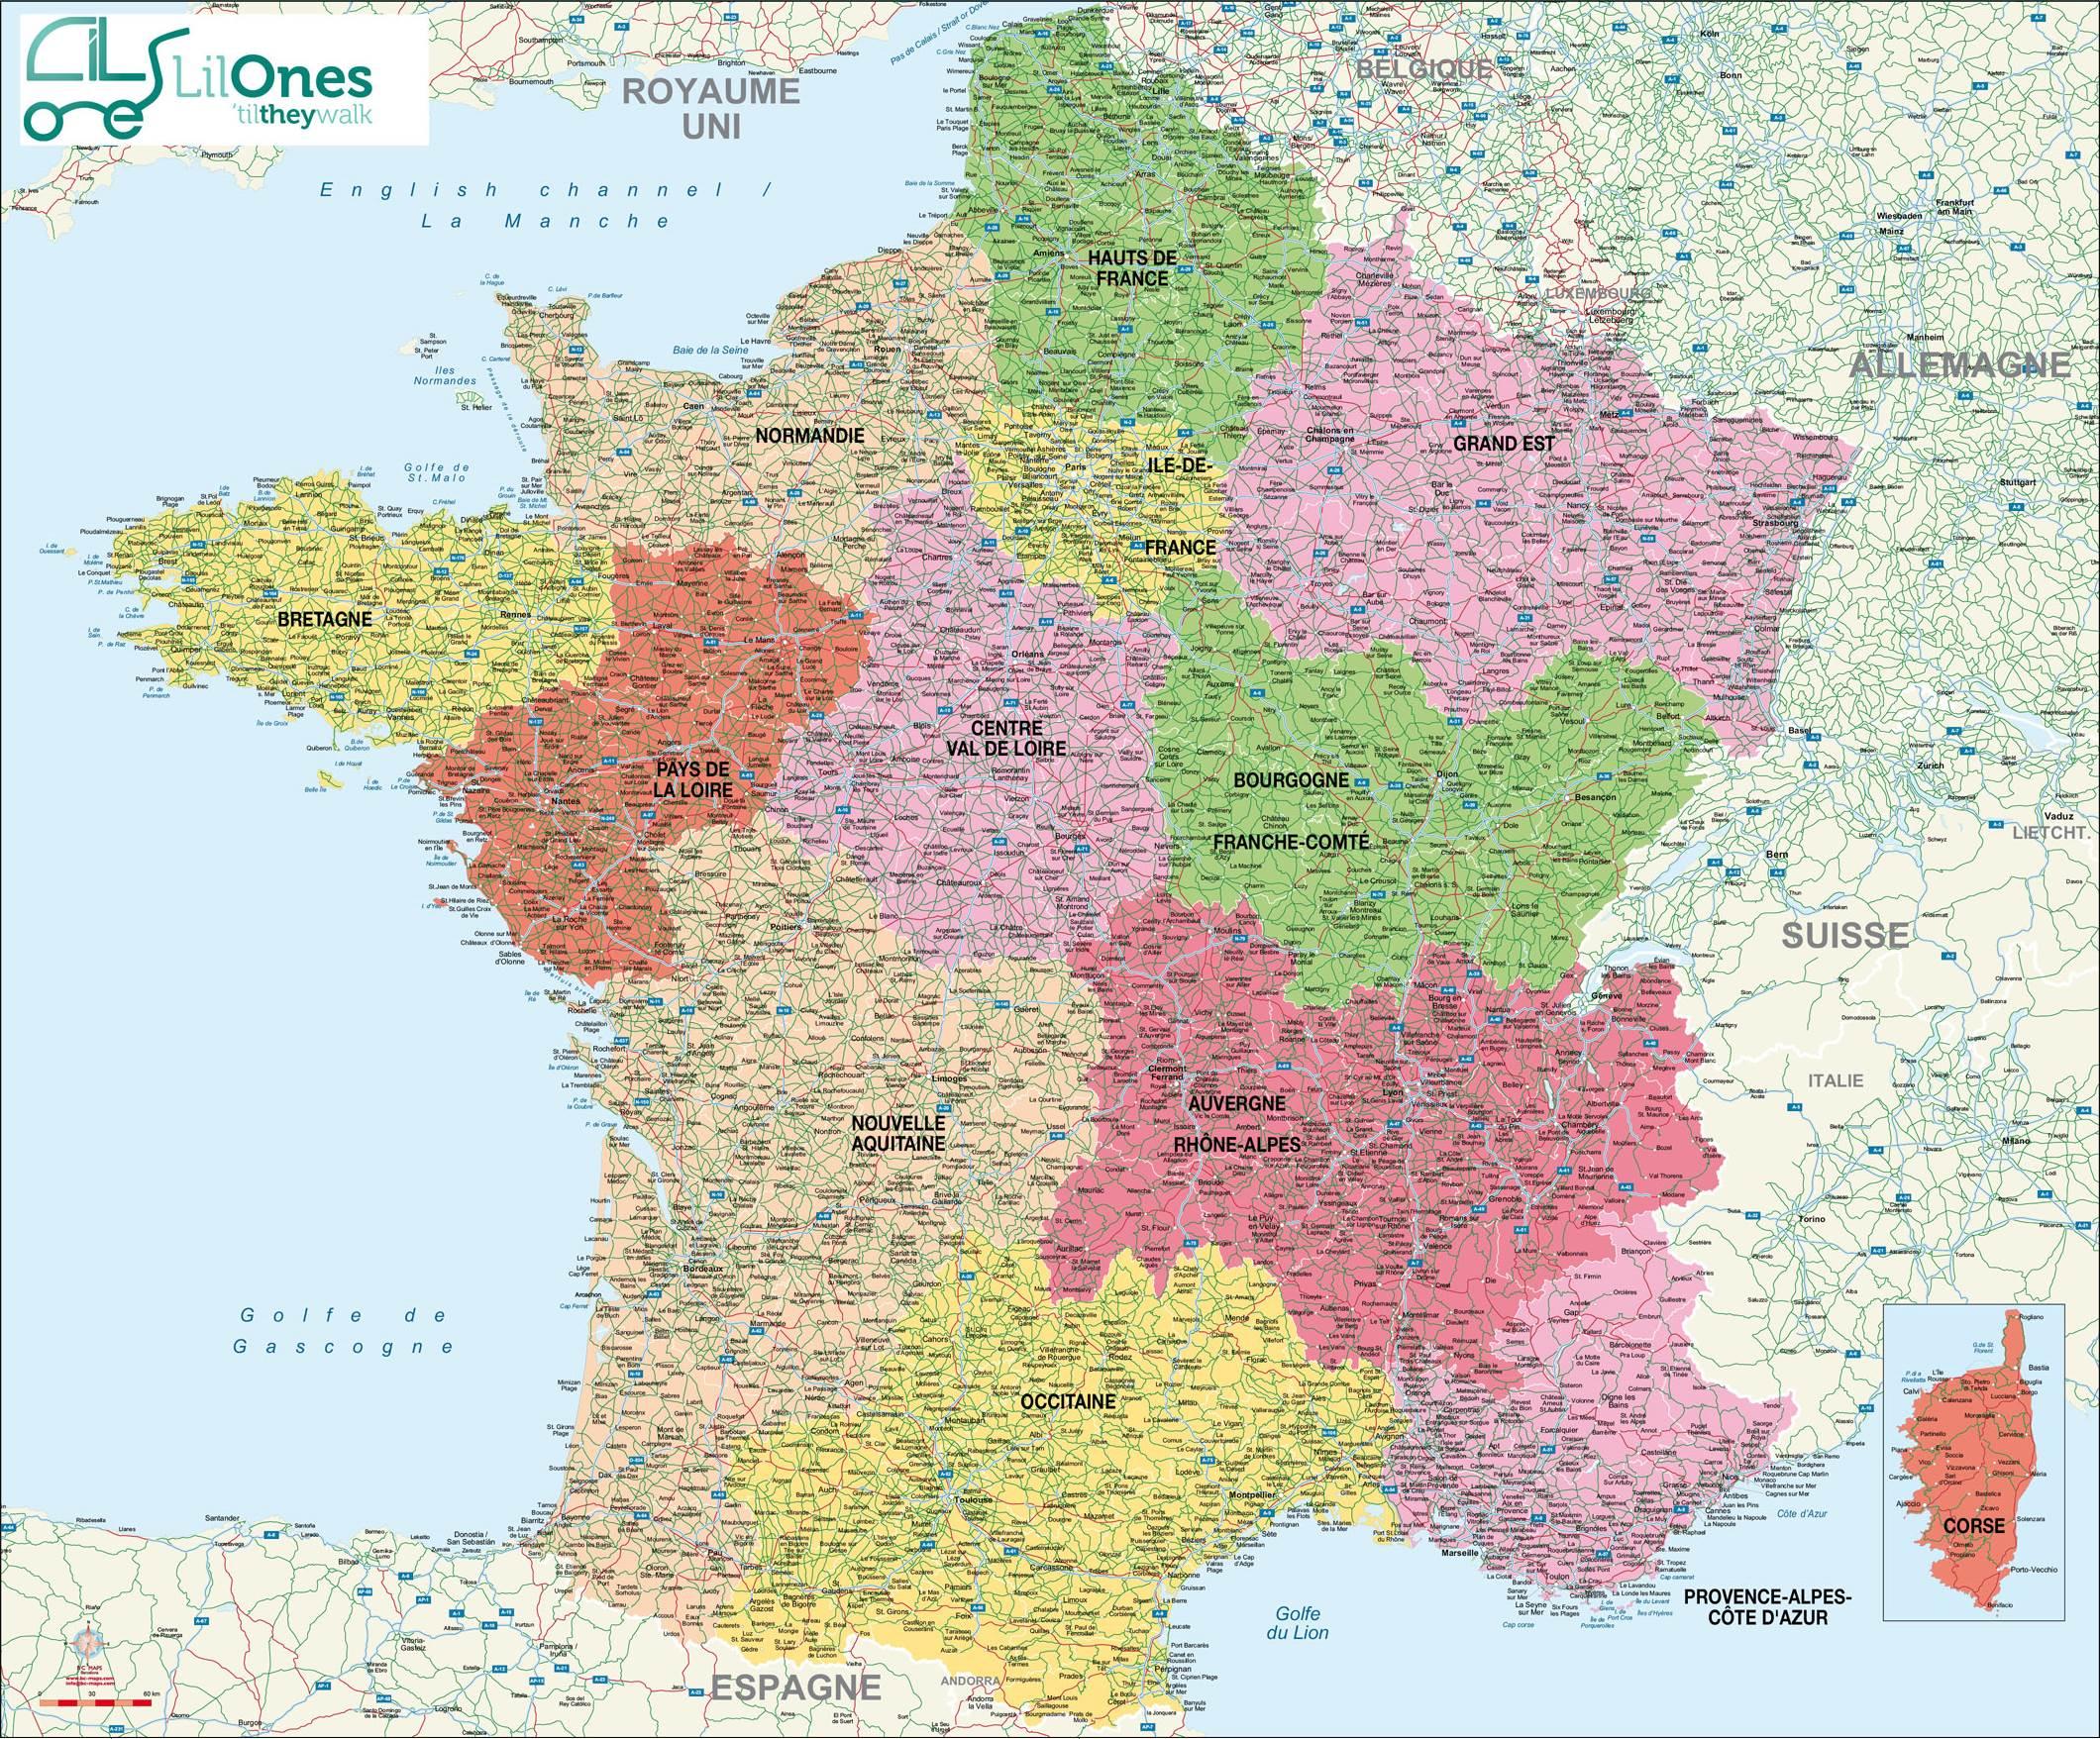 Cartes De France : Cartes Des Régions, Départements Et encequiconcerne Plan De La France Par Departement